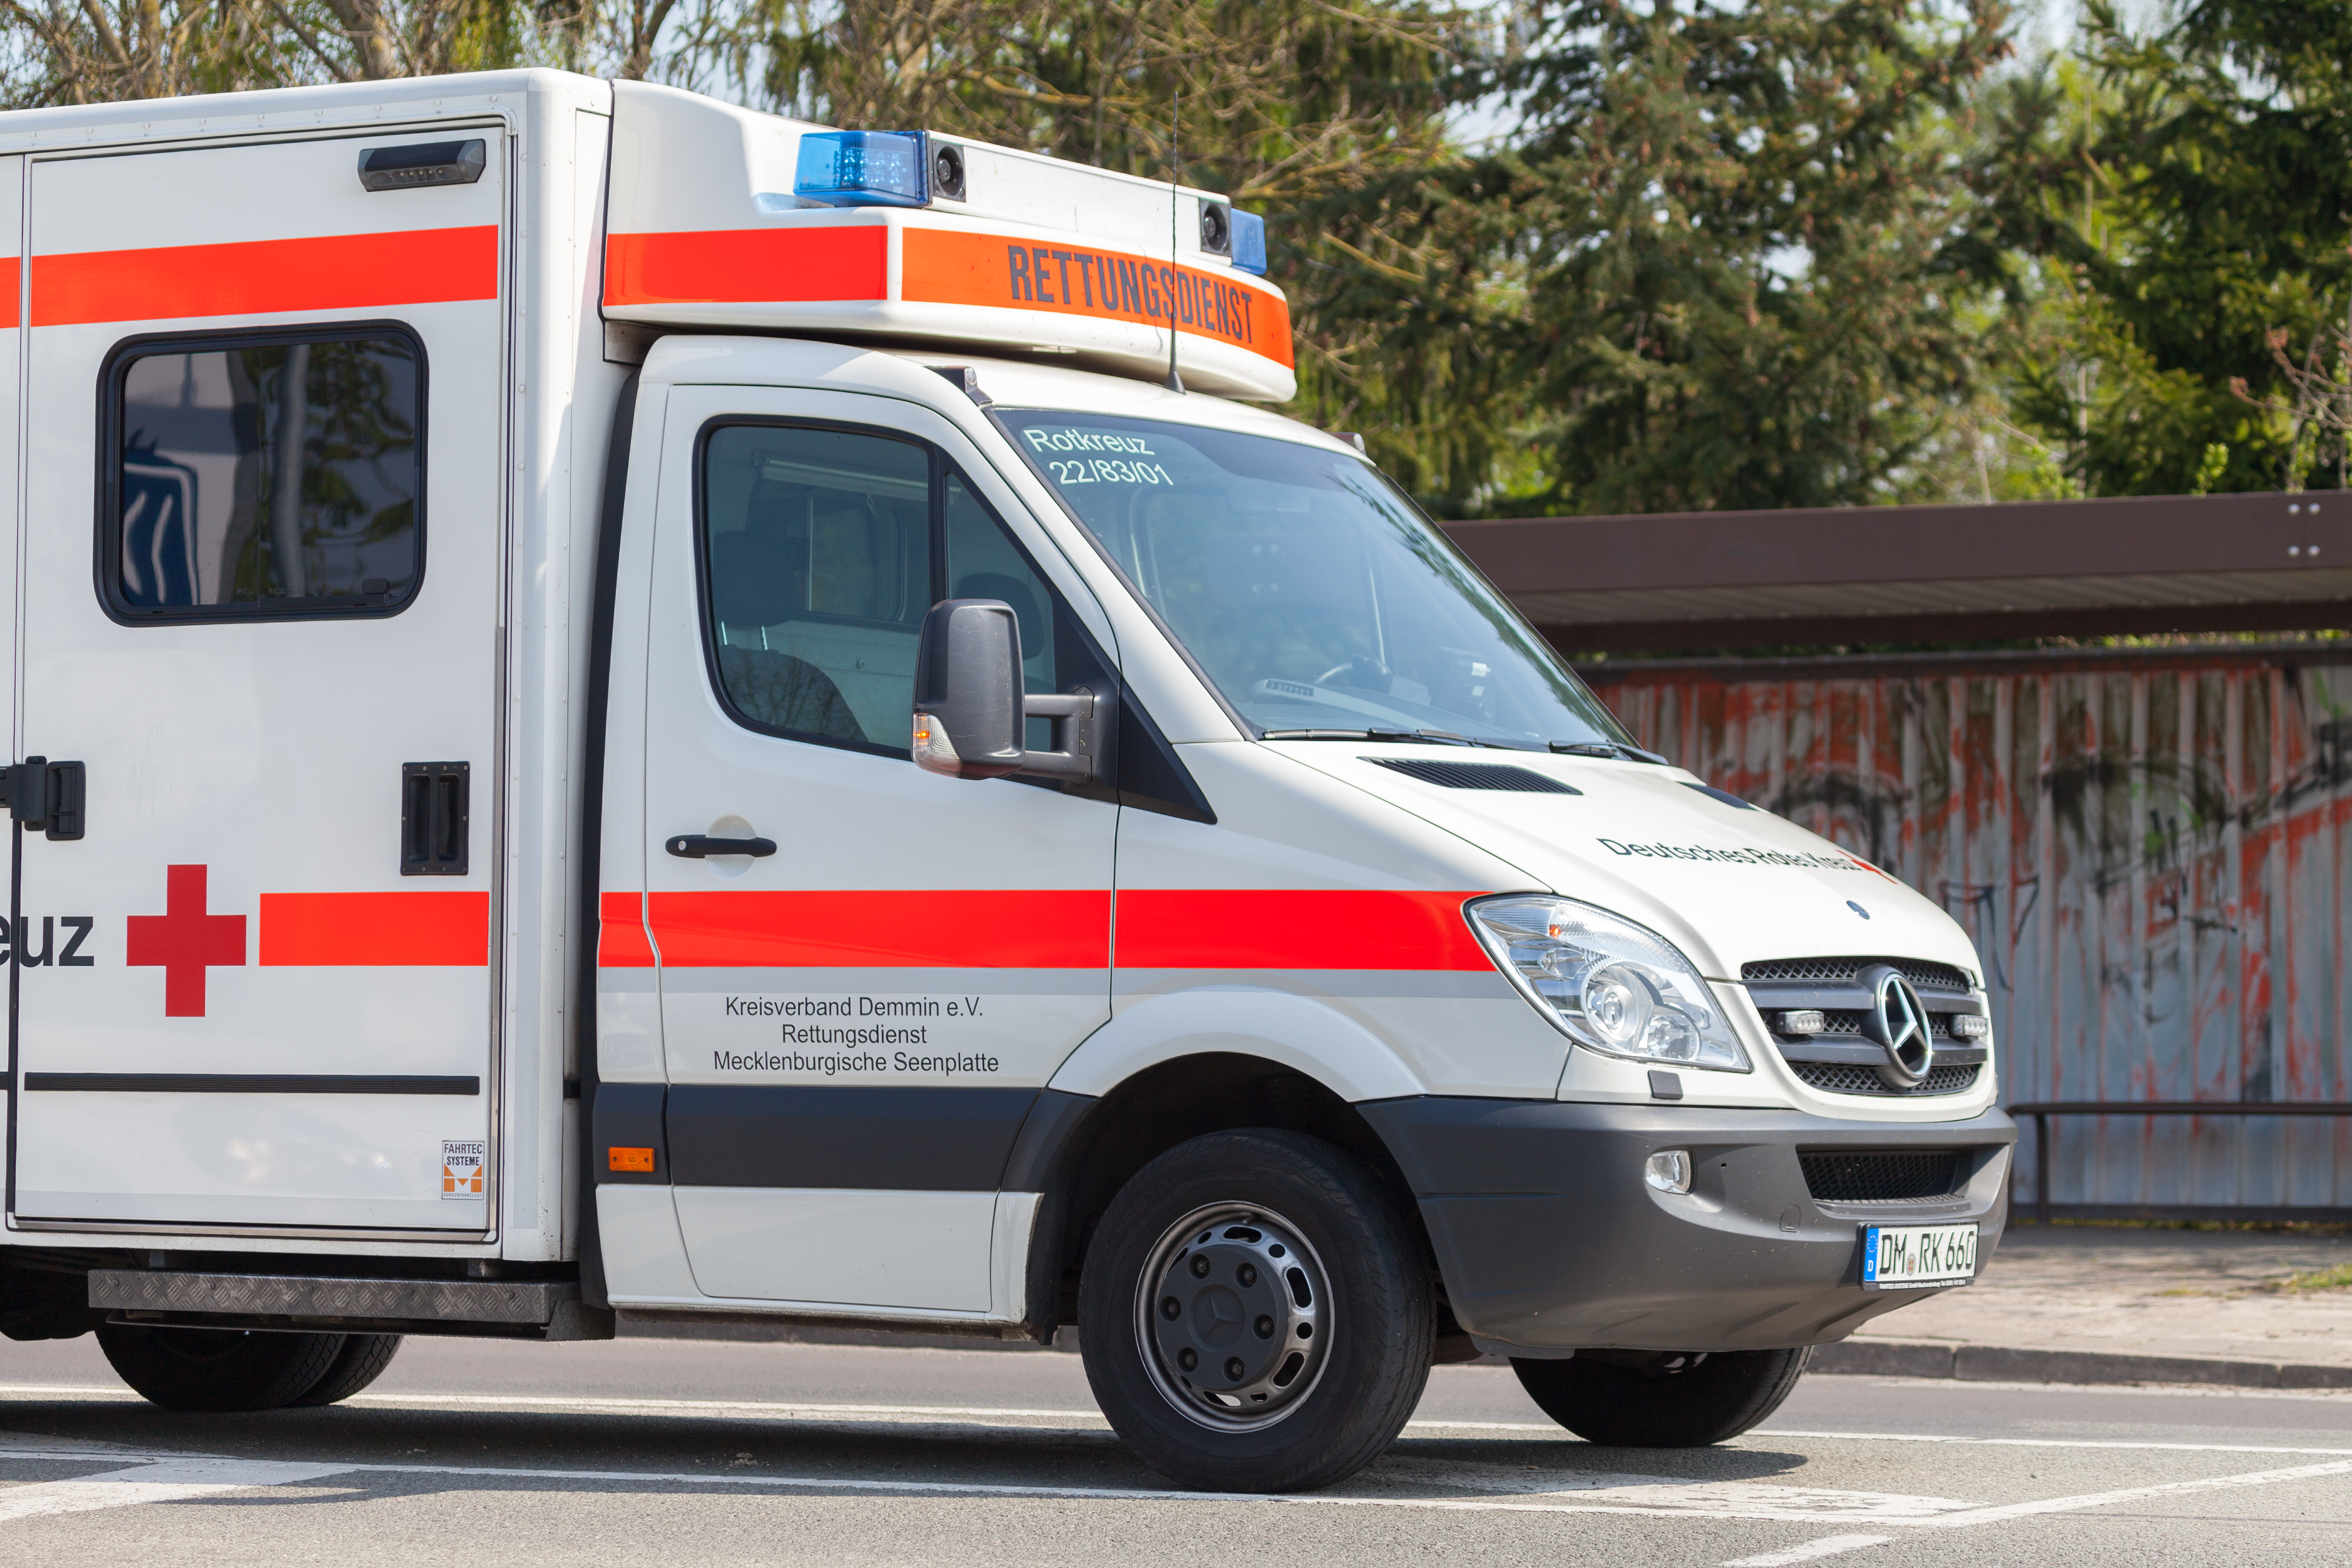 Человек погиб в результате наезда автомобиля в пешеходную зону в Германии